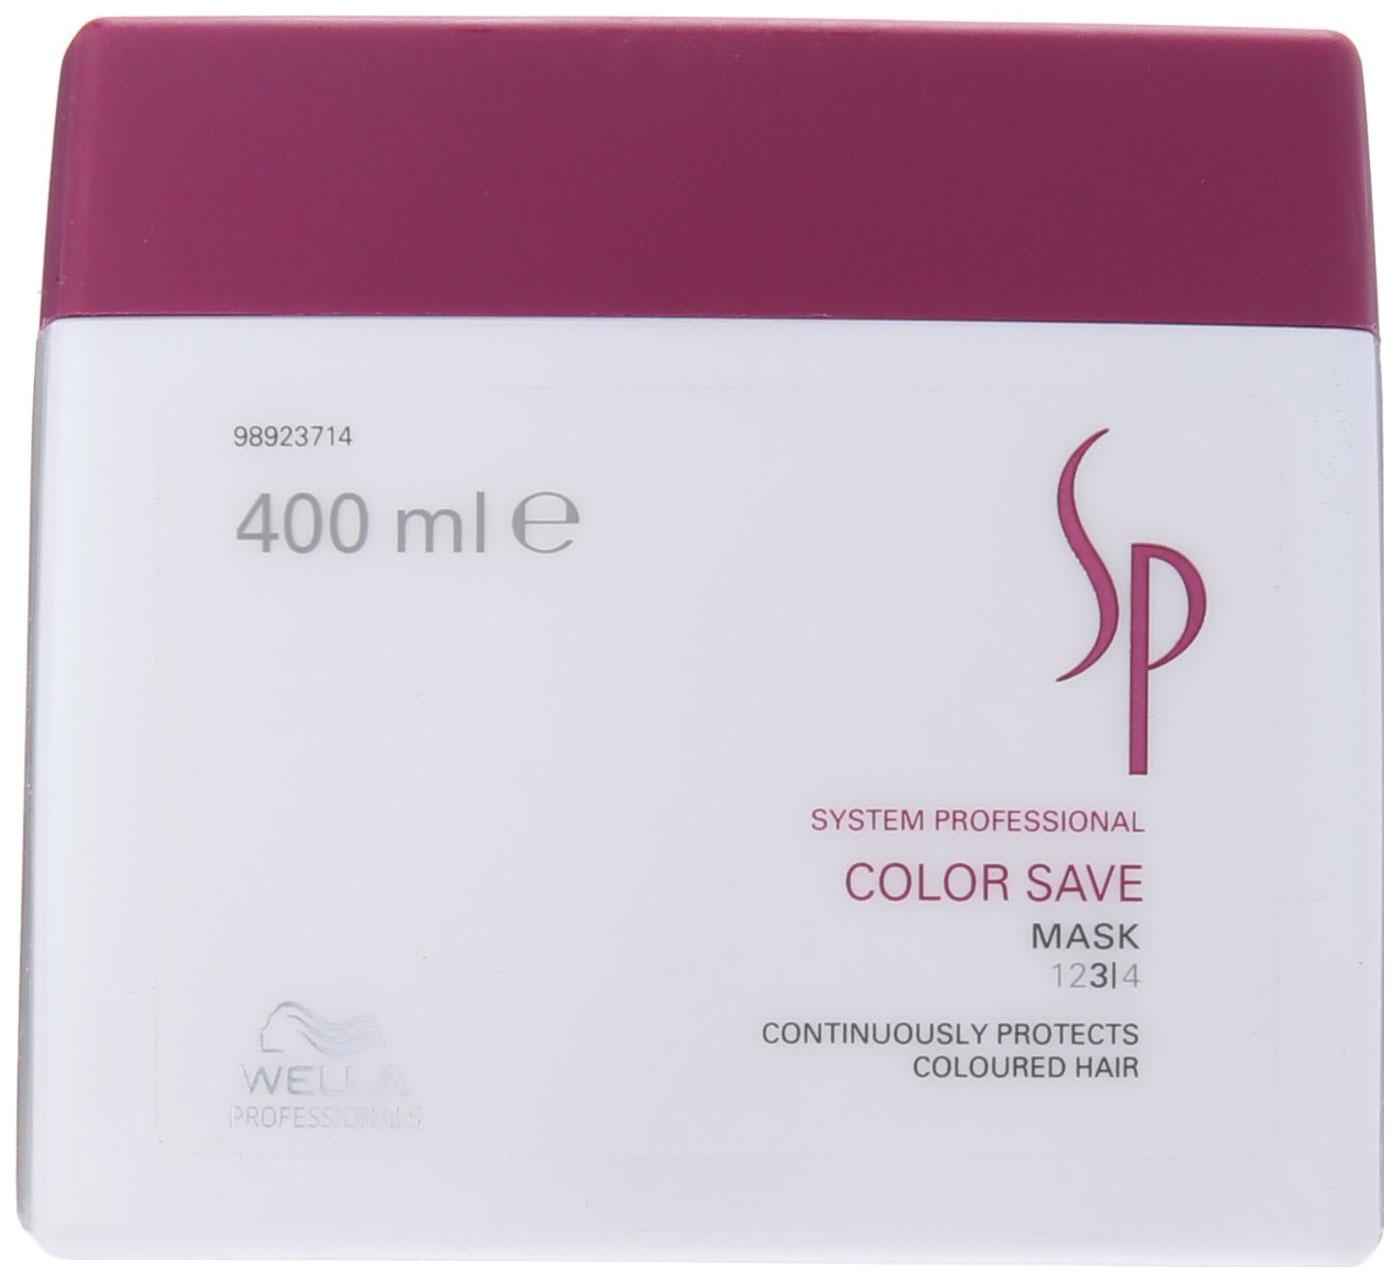 Маска для волос Wella System Professional Color Save 400 мл